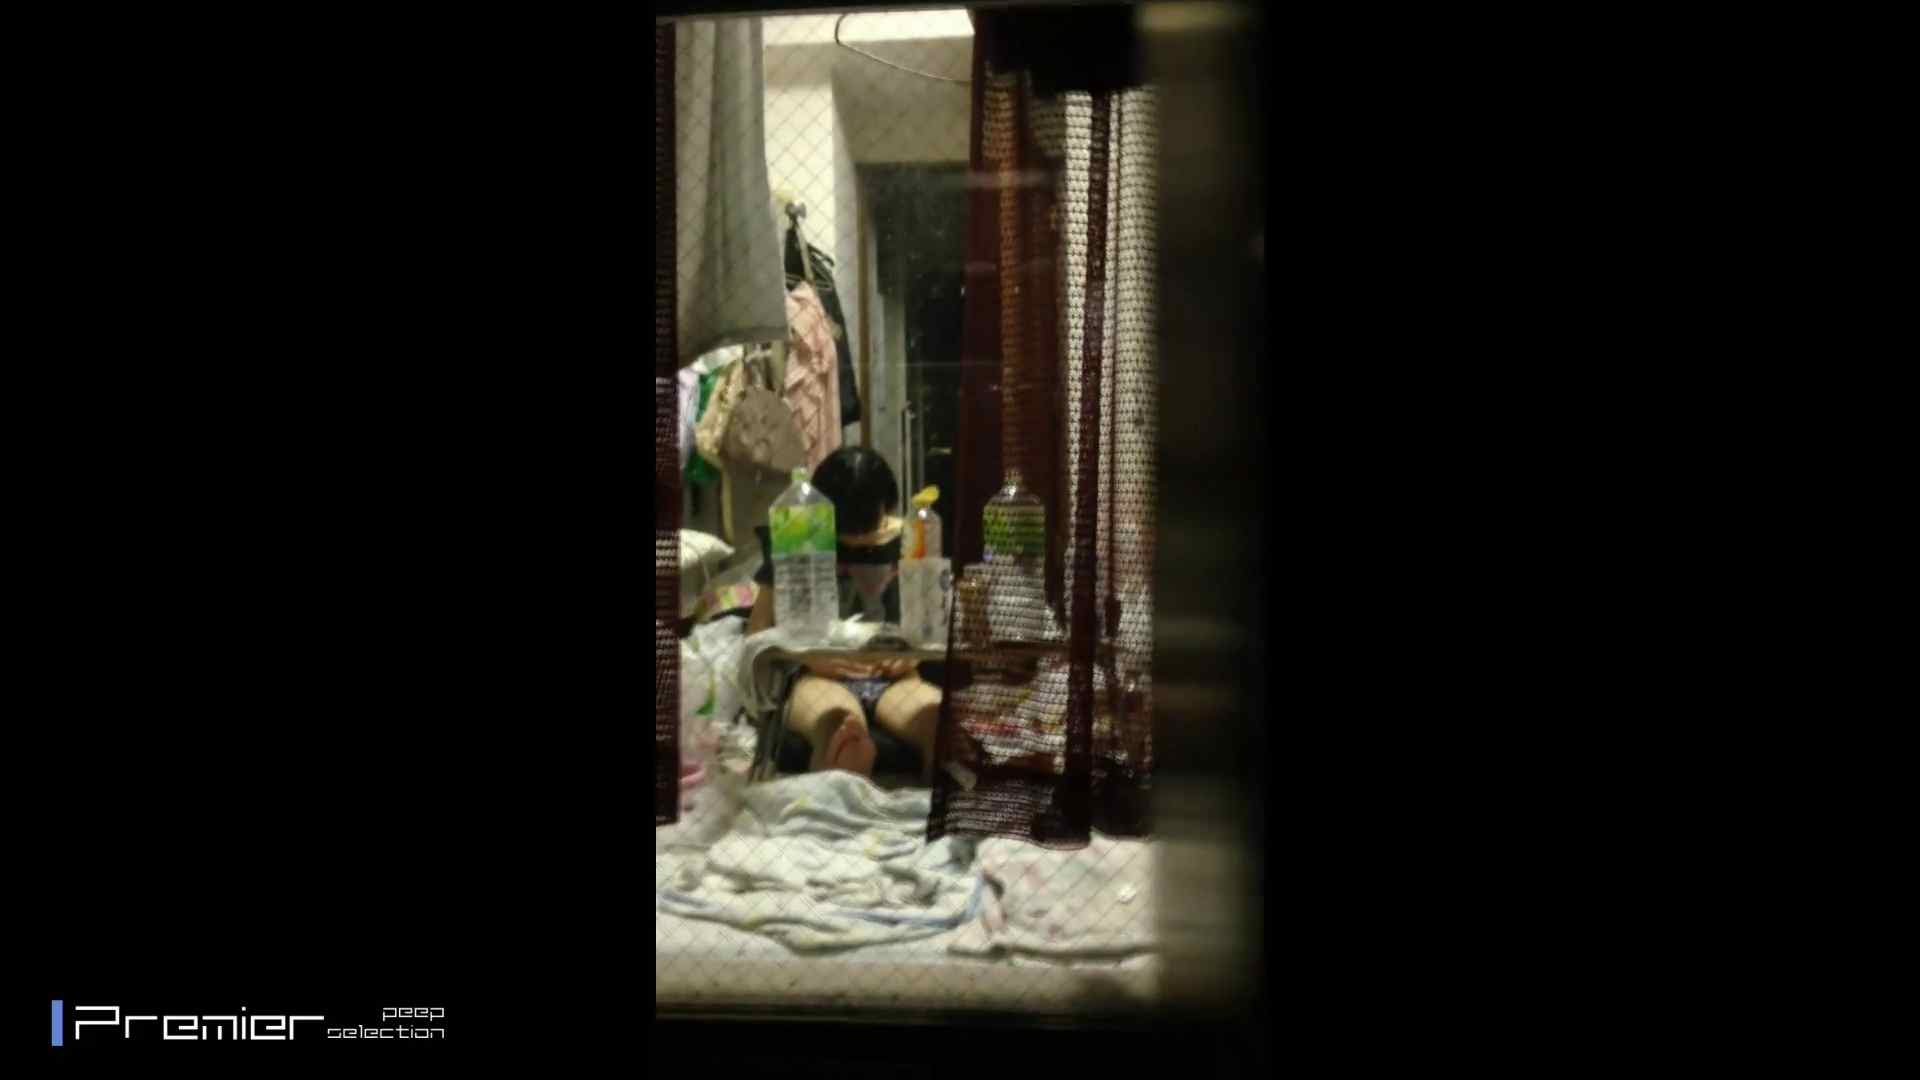 美女達の私生活に潜入!可愛い女子大生のプライベートに潜入 高画質 盗撮動画紹介 105pic 77